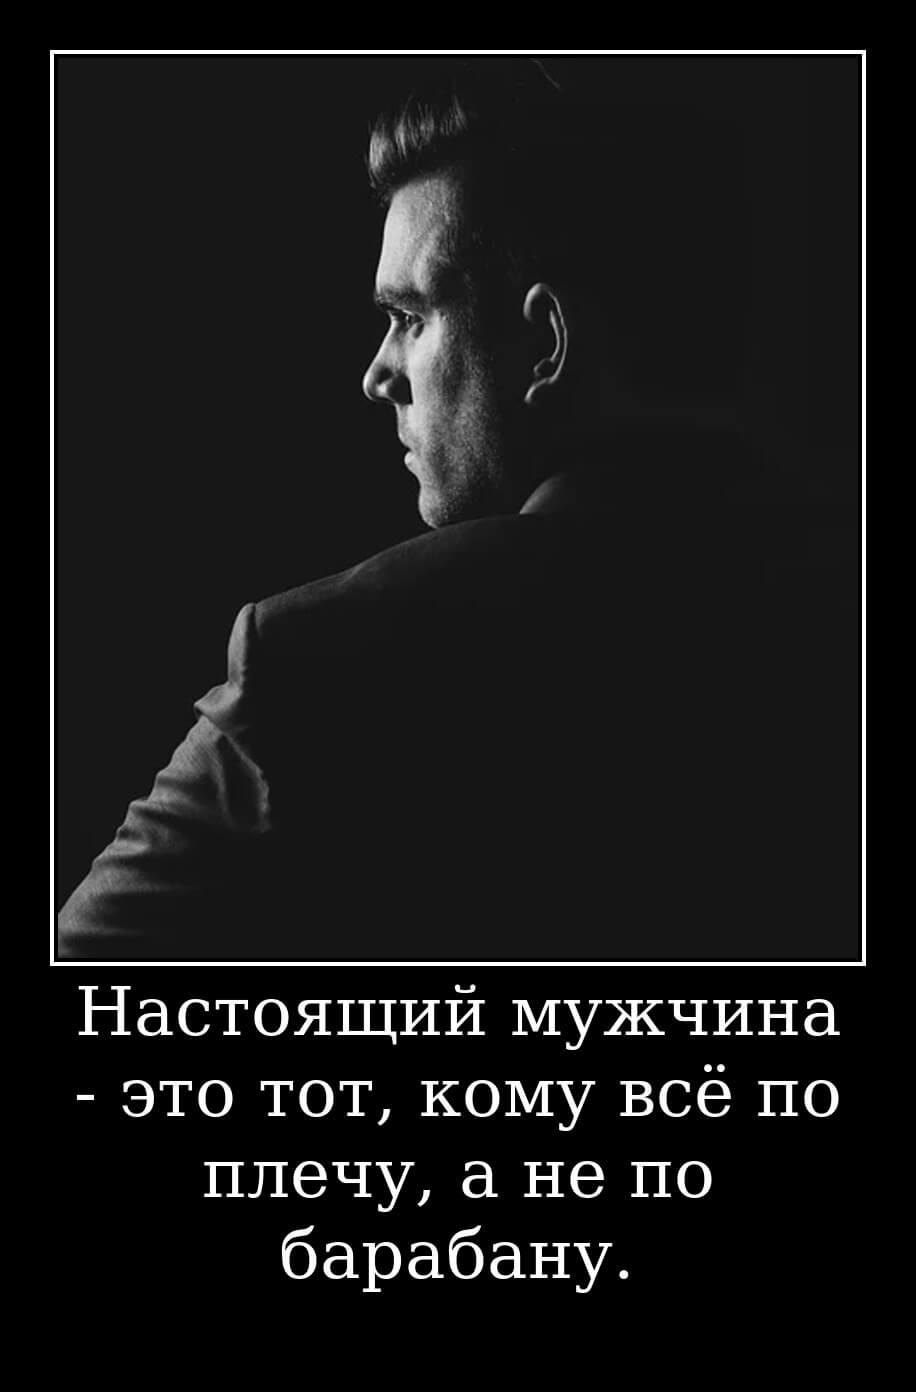 Настоящий мужчина - это тот, кому всё по плечу, а не по барабану.